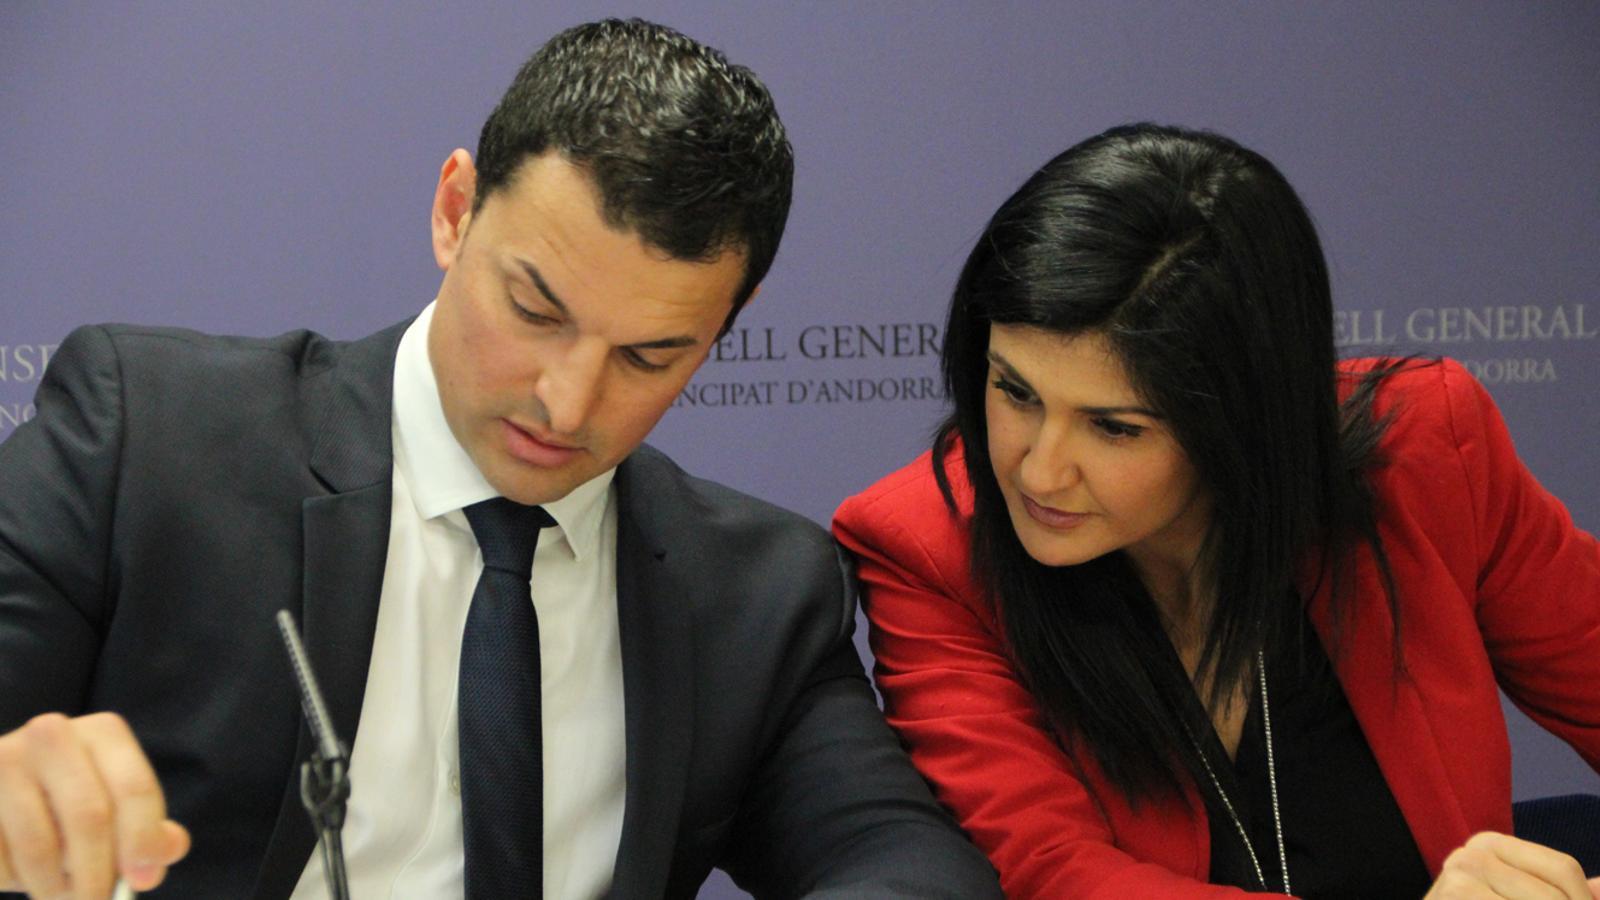 El president suplent del grup liberal, Jordi Gallardo, i la consellera general Carine Montaner presenten les esmenes al pressupost / C.G.